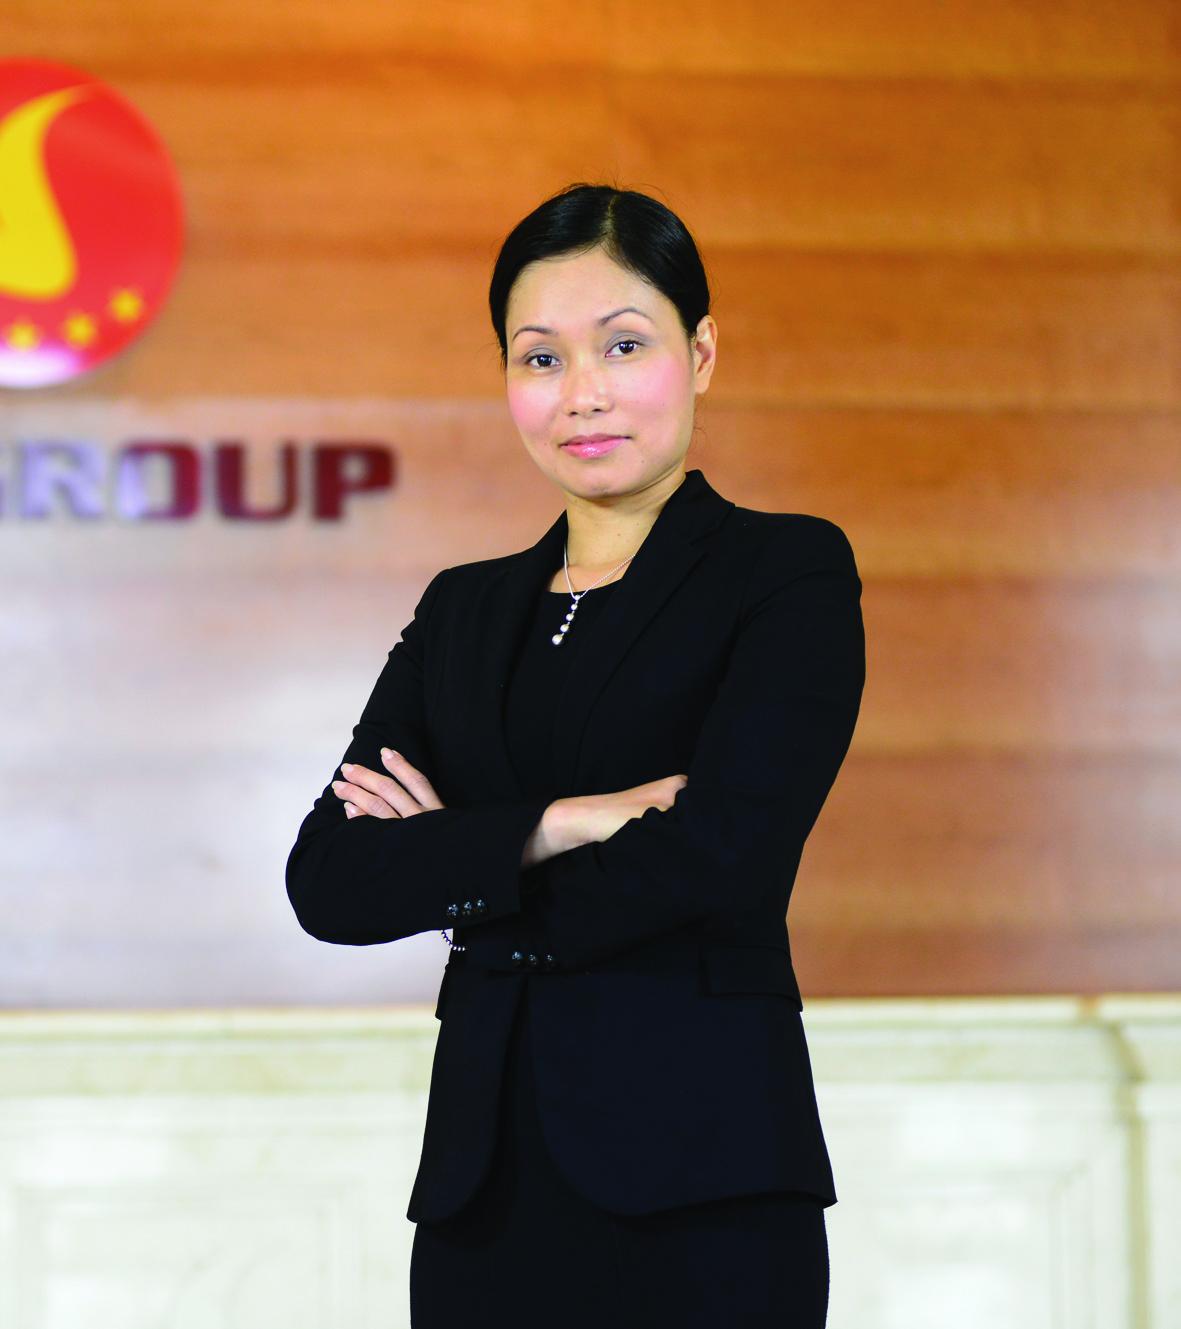 Chân dung những doanh nhân 7X của VN được thế giới vinh danh